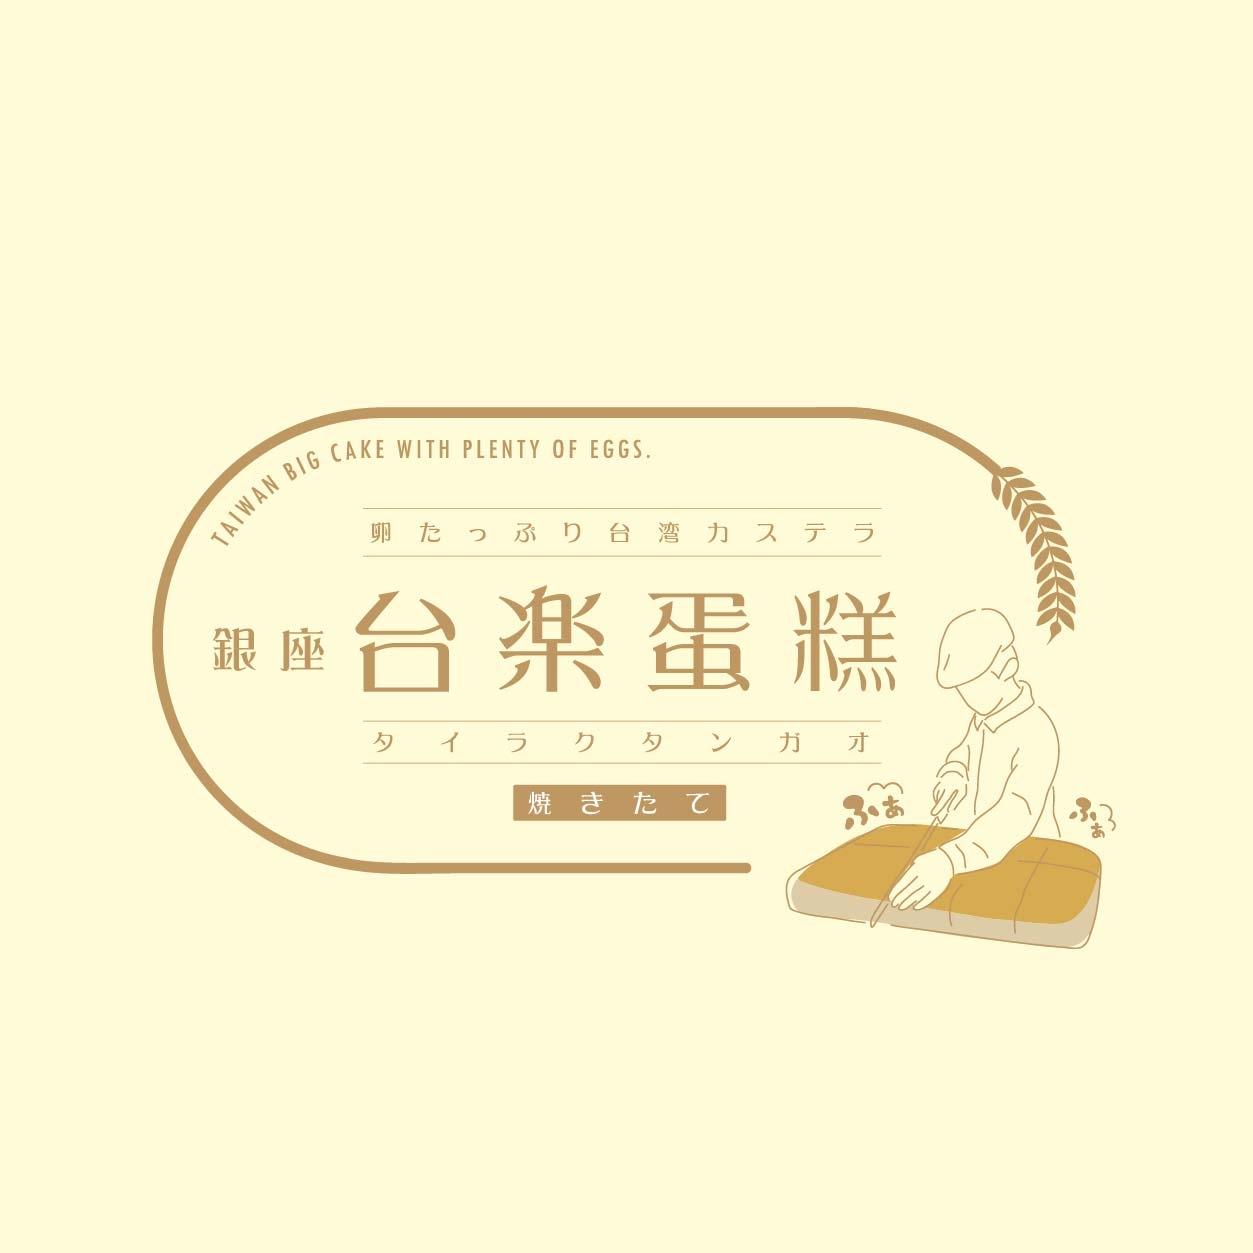 期間限定初出店!! 9/21~9/30 台湾カステラの「台楽蛋糕(タイラクタンガオ)」